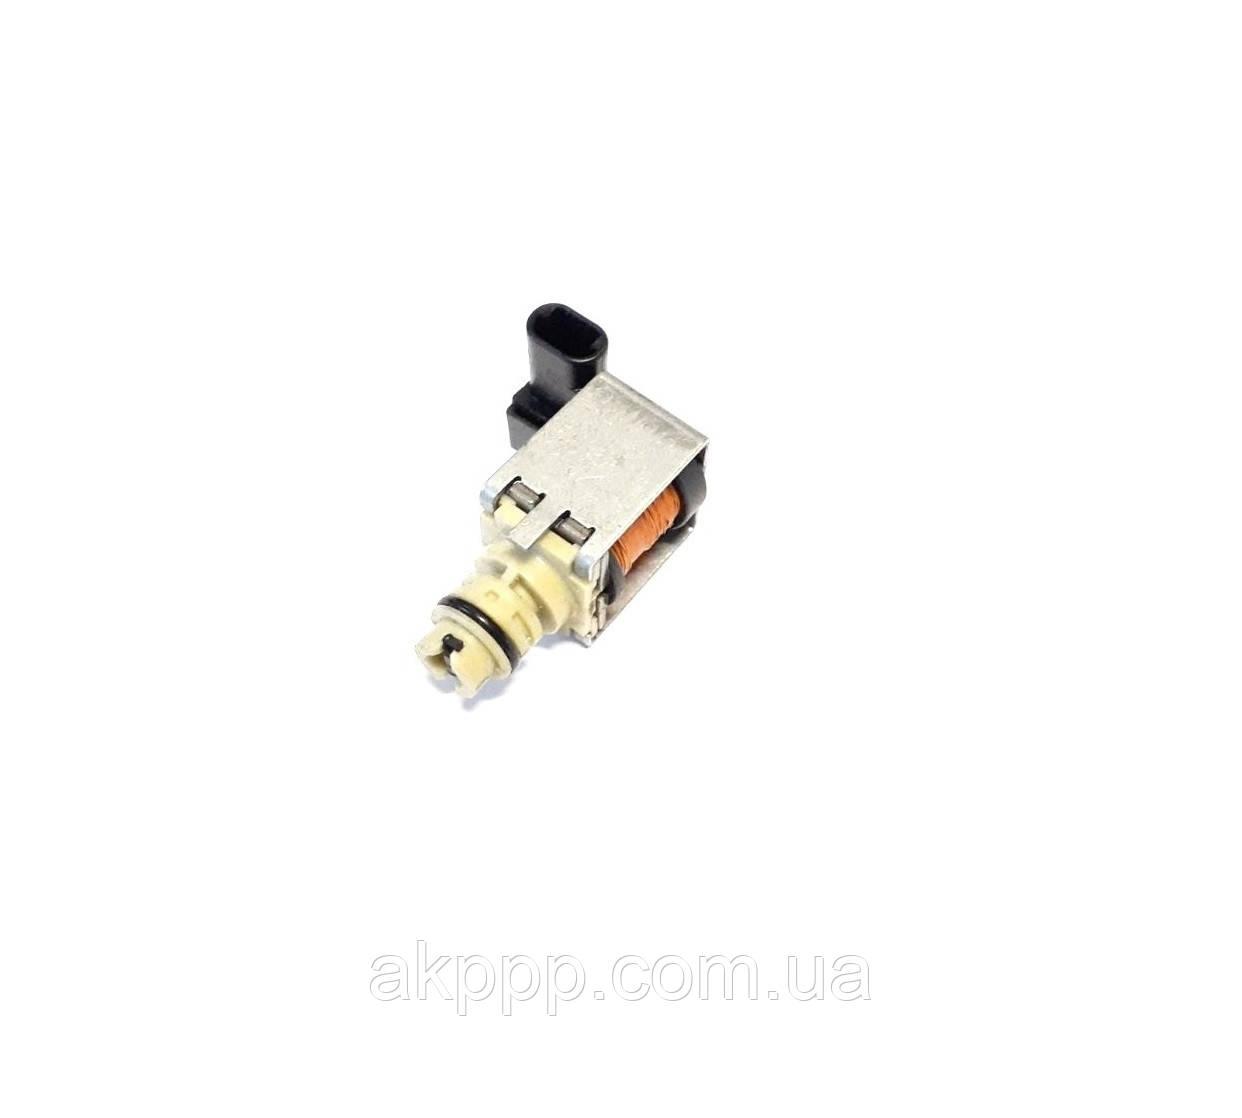 Электрика Соленоид акпп 4T65E Соленоид б/у 24219879